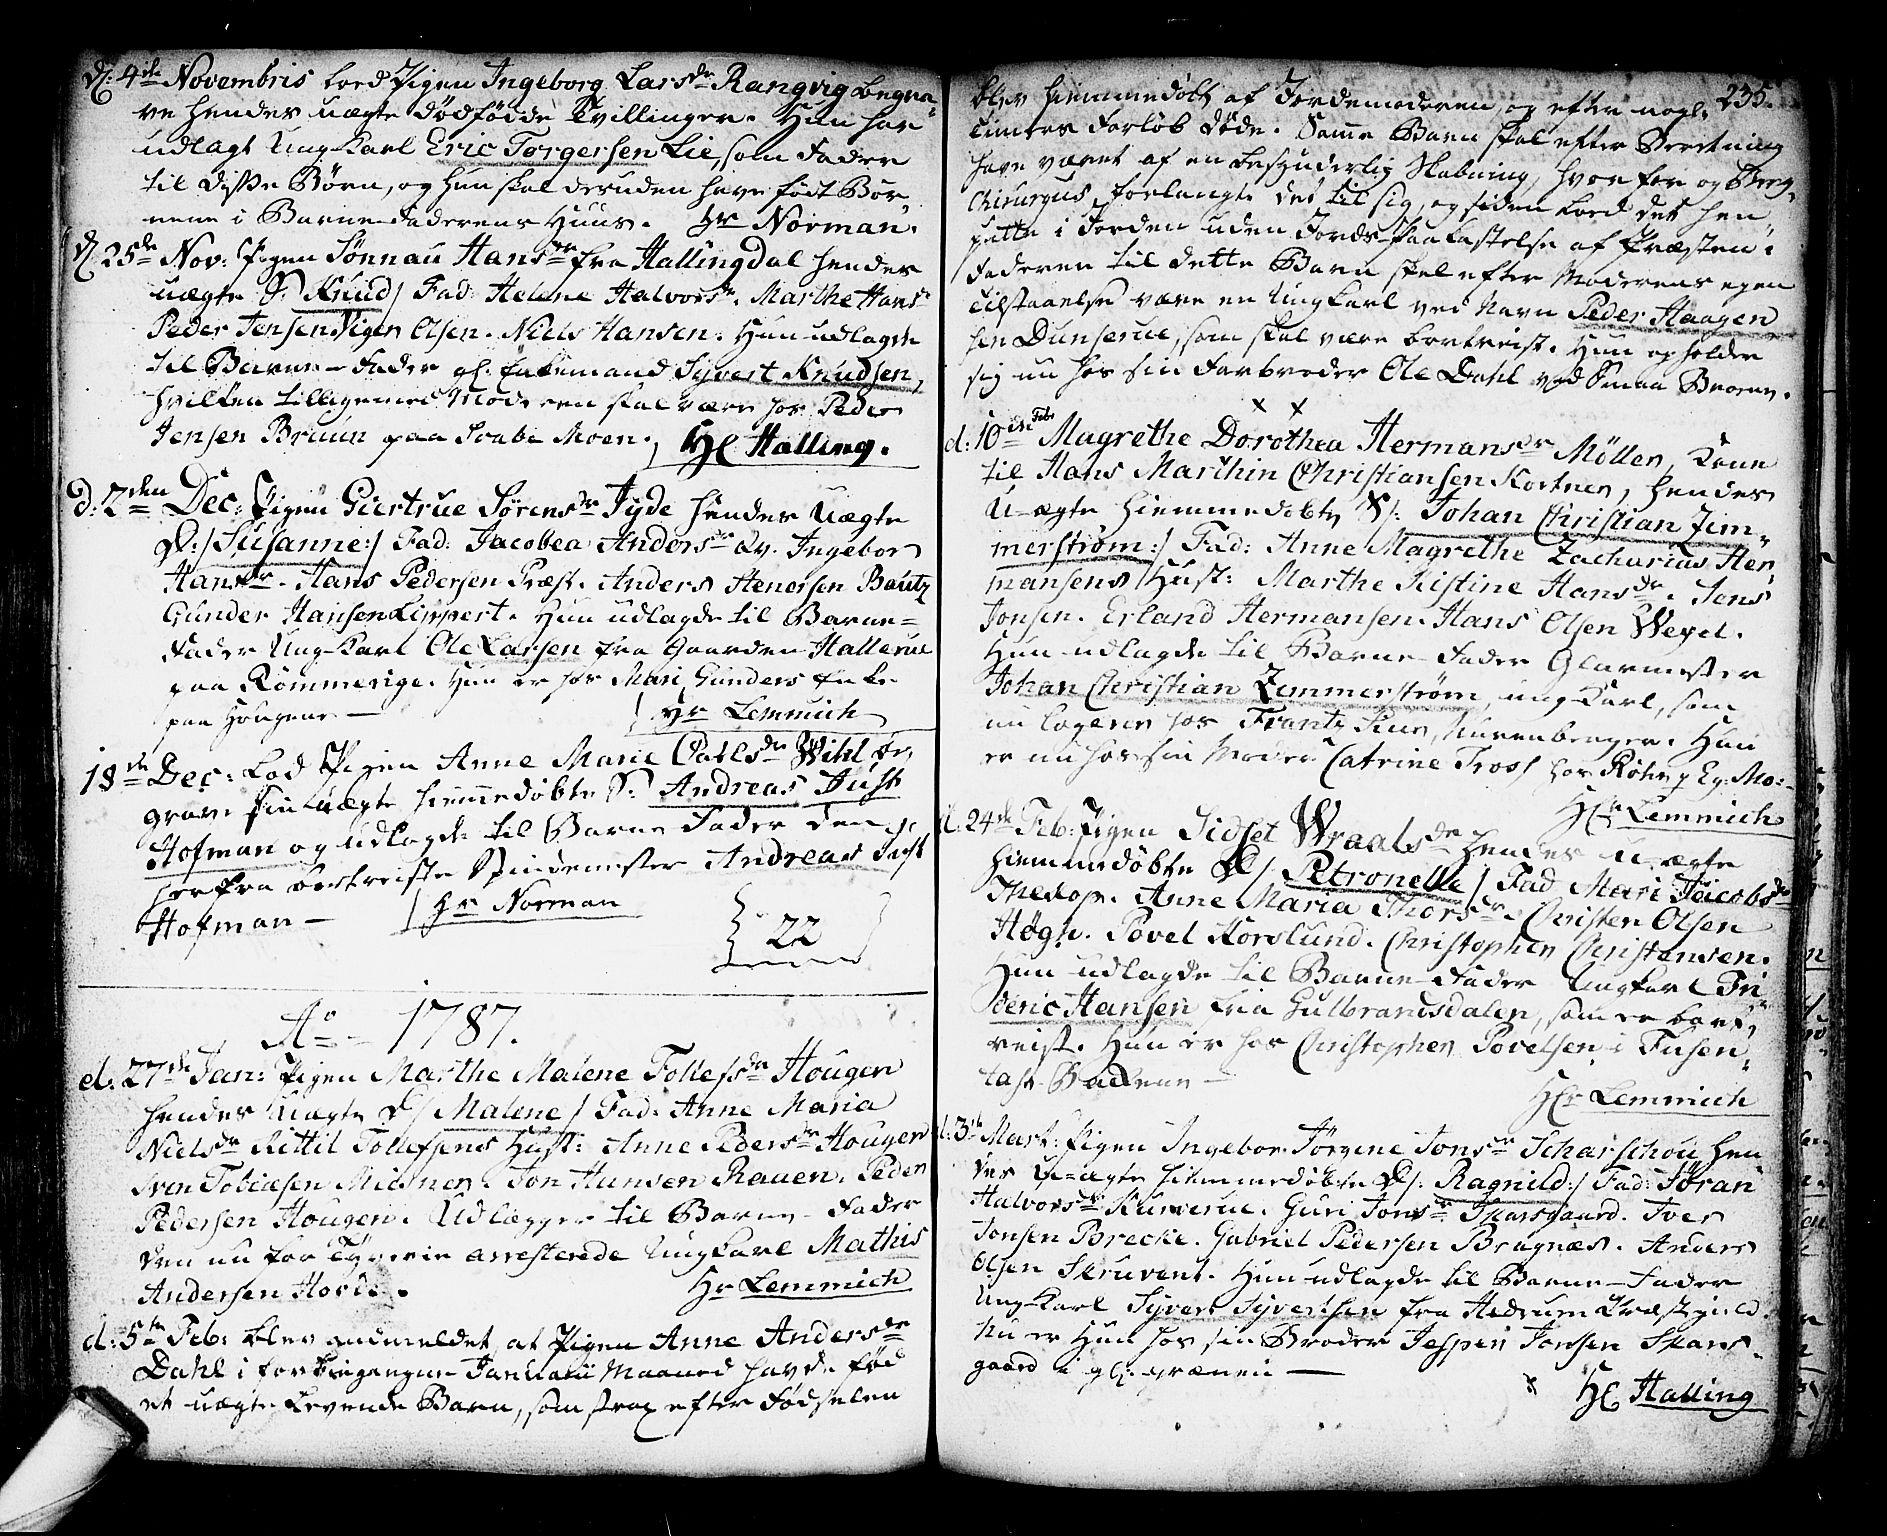 SAKO, Kongsberg kirkebøker, F/Fa/L0006: Ministerialbok nr. I 6, 1783-1797, s. 235